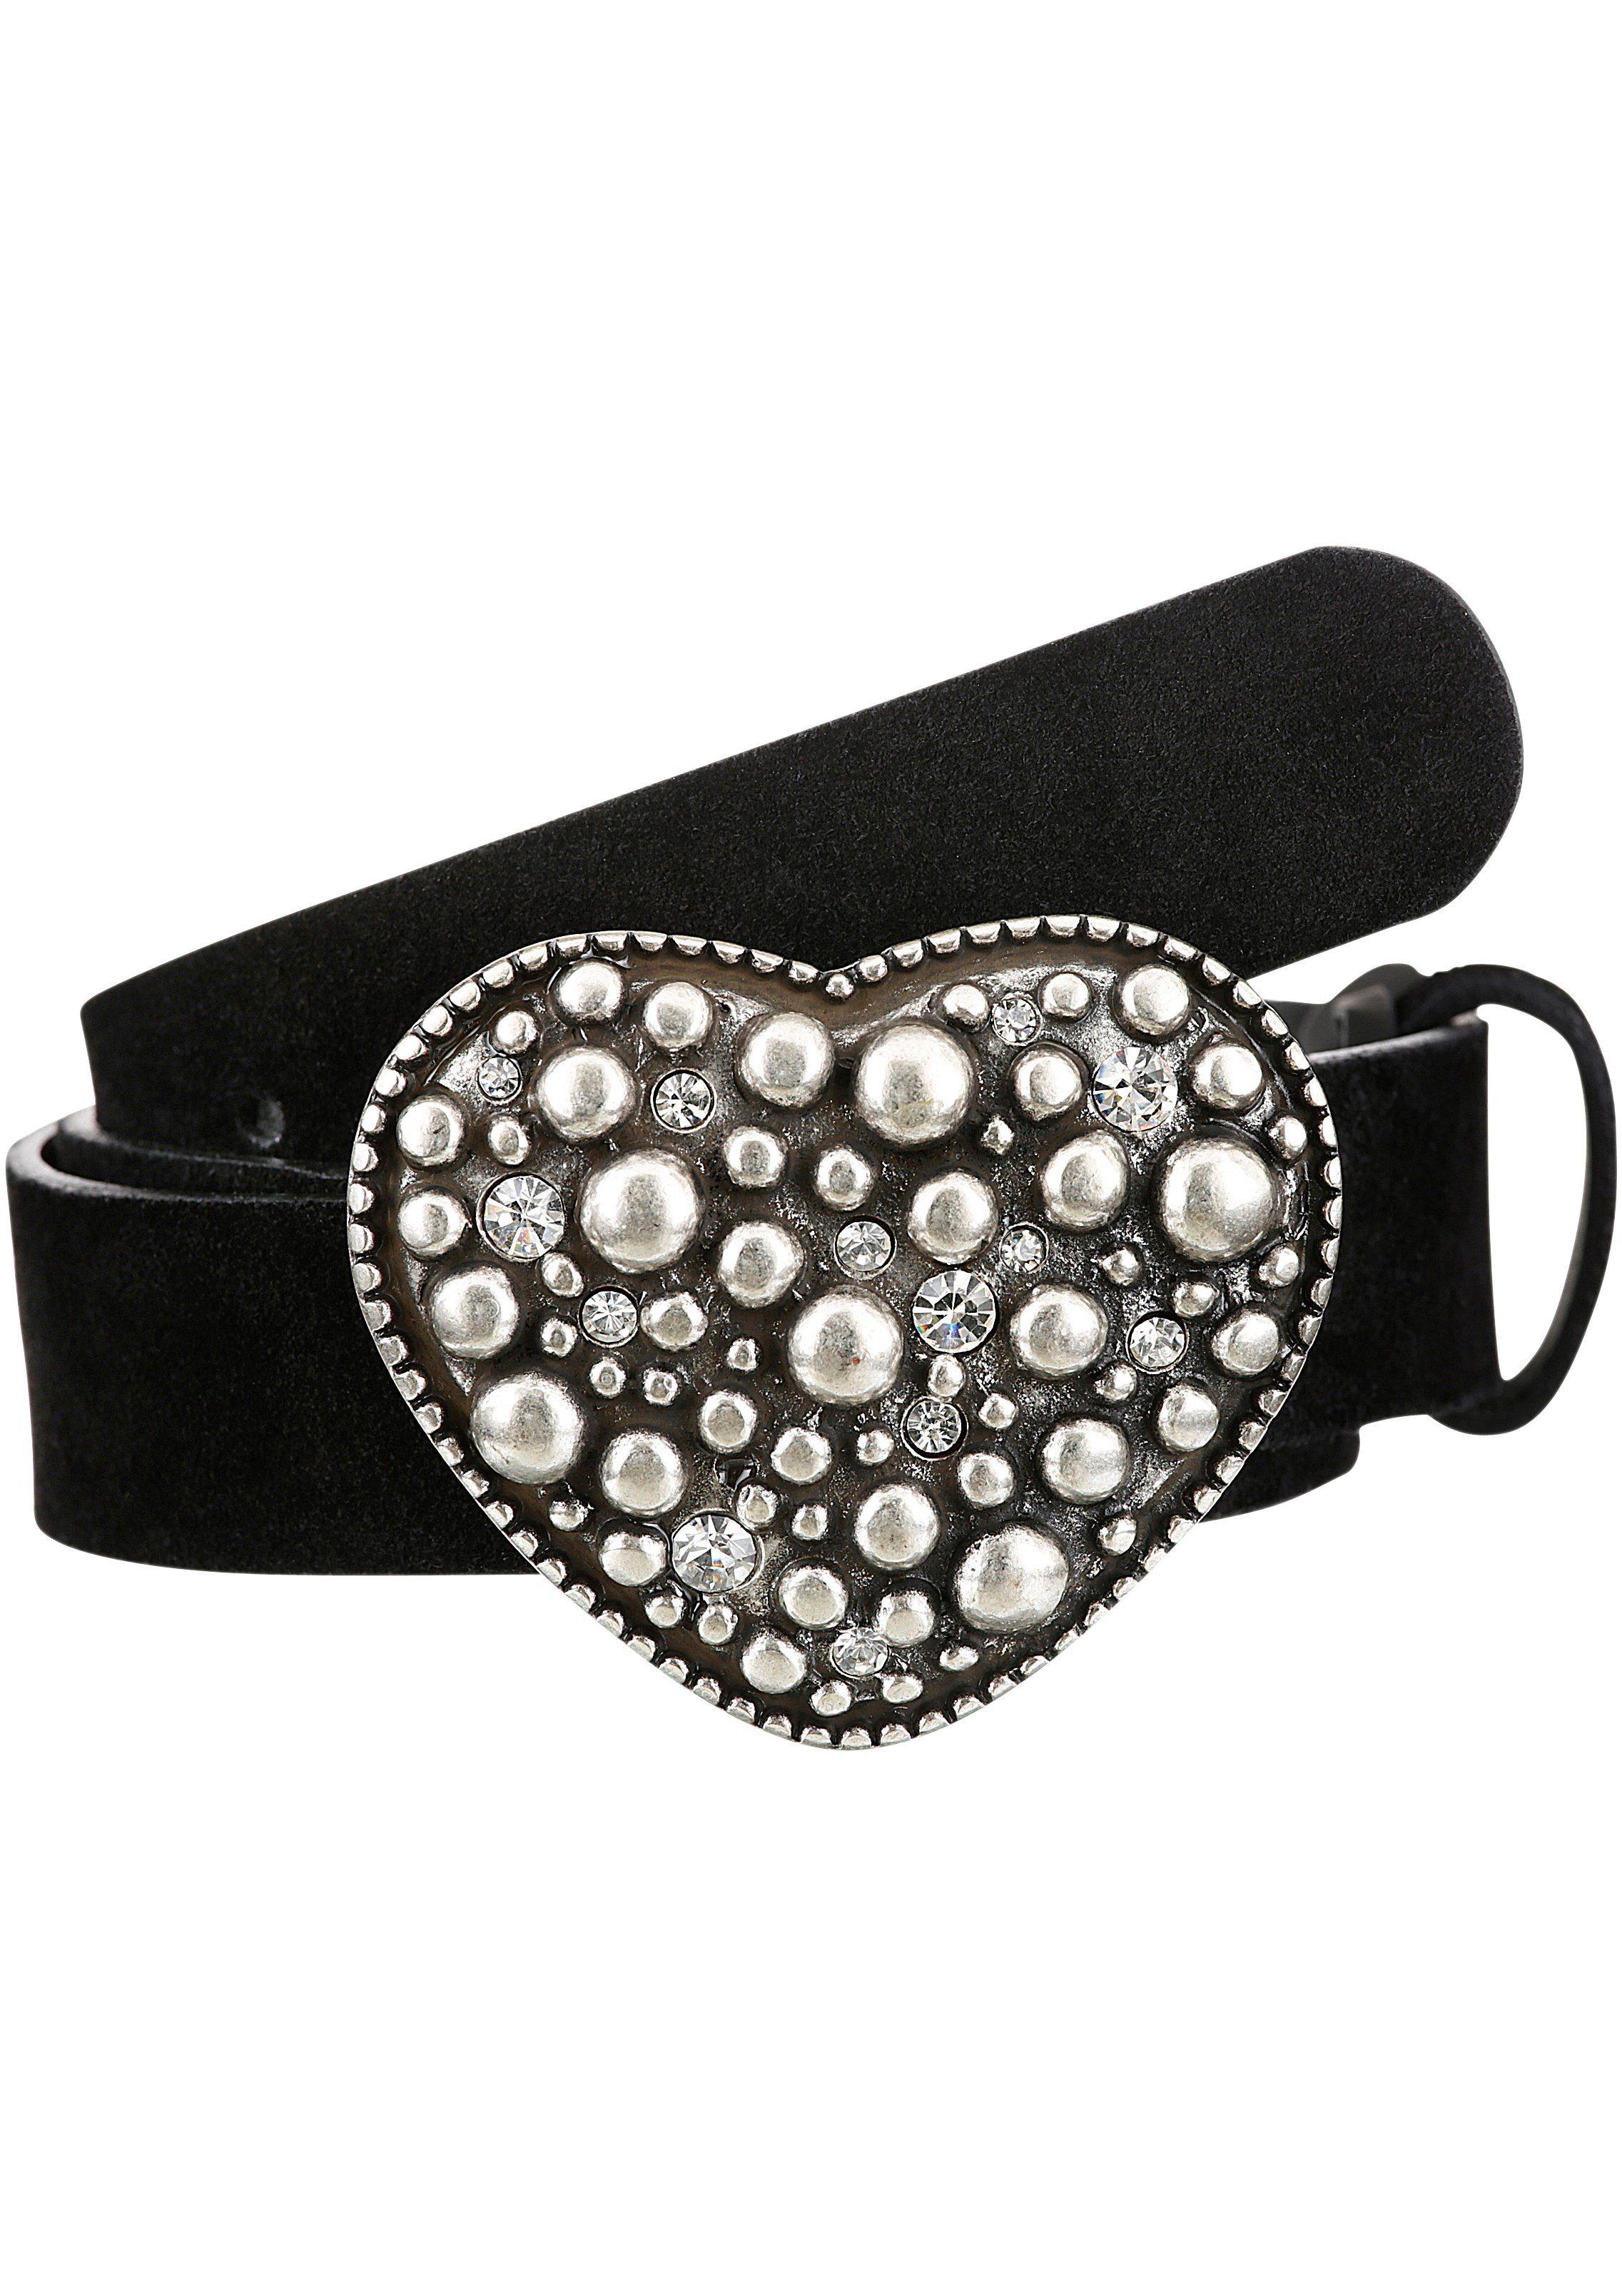 Toni Klimm Klimm Trachtengürtel Damen in Veloursoptik schwarz Ledergürtel Gürtel Accessoires